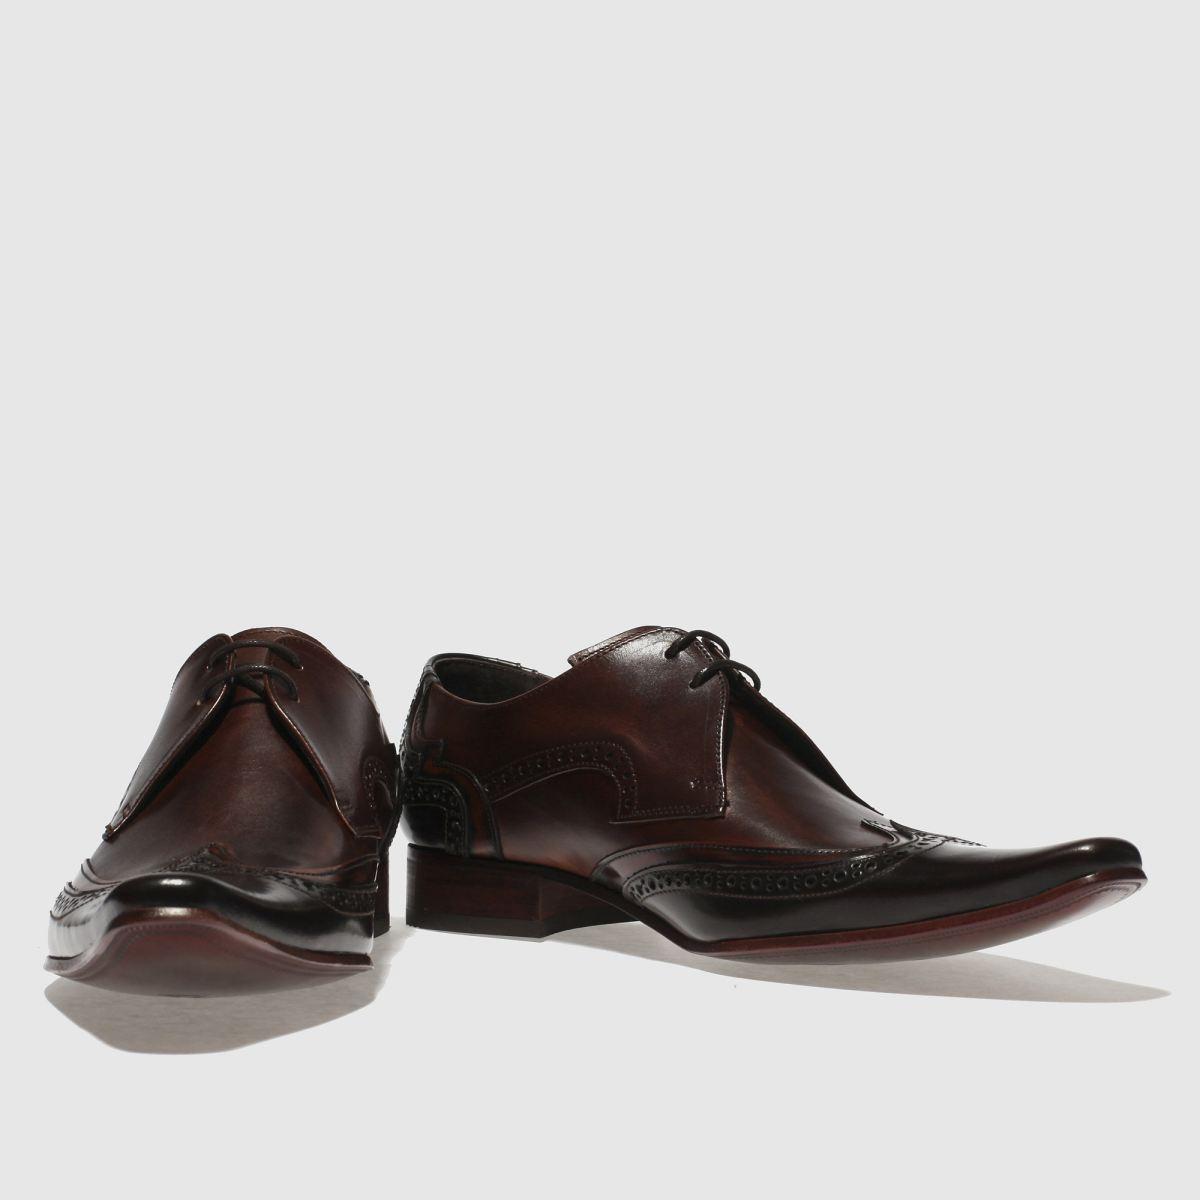 Herren Dunkelbraun jeffery west Pino Brogue Schuhe | Schuhe schuh Gute Qualität beliebte Schuhe | 87da22